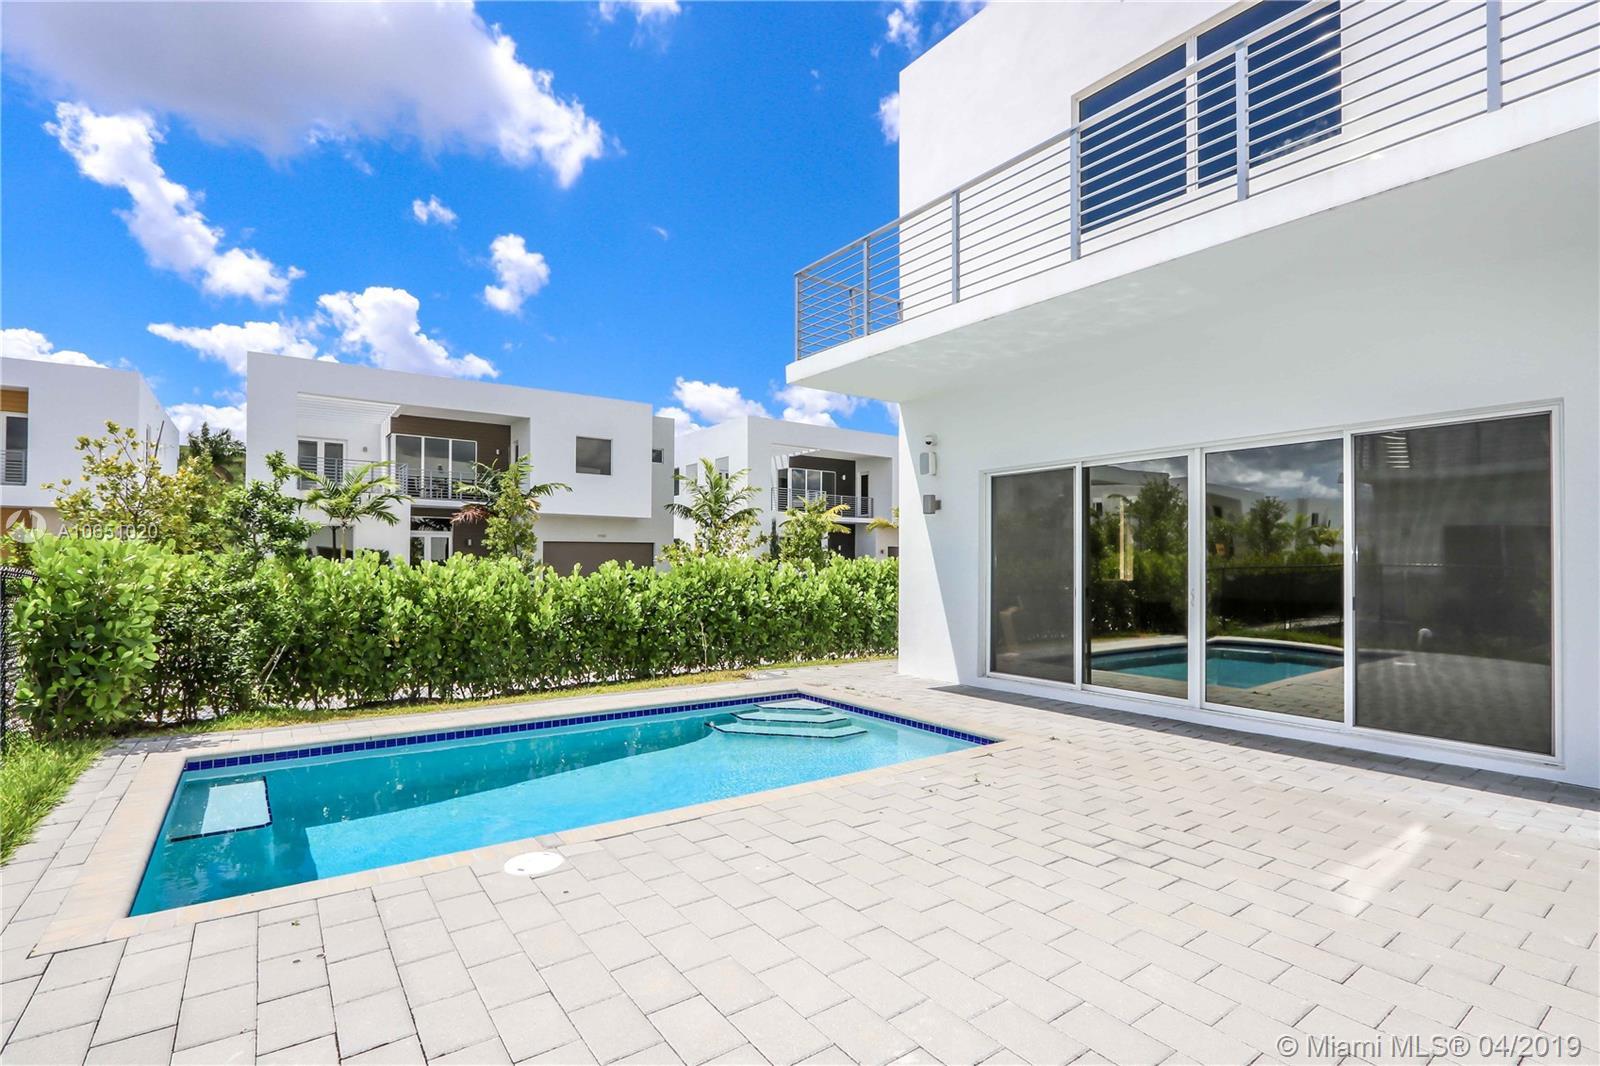 7443 NW 100th Ave, Miami FL 33178